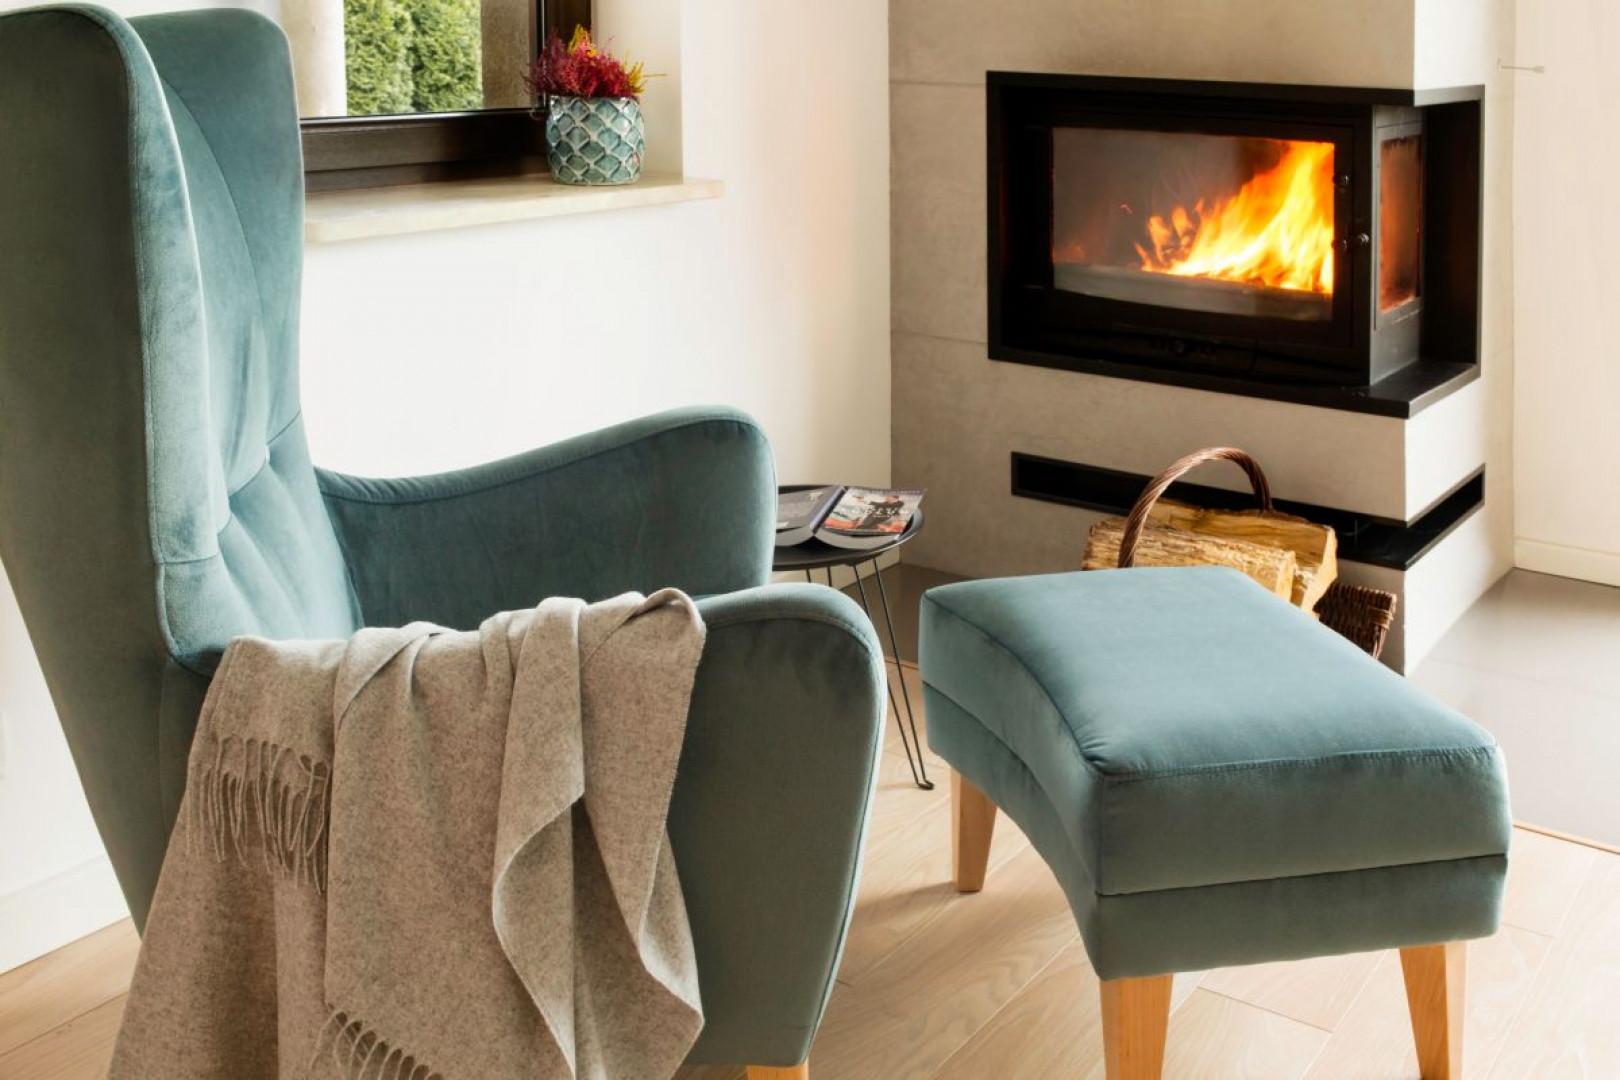 Projektowany dom miał być przejrzysty i czysty, ale jednocześnie przytulny i pełen domowego ciepła. Projekt: Kinga Świątek-Wolna. Fot. Make Home